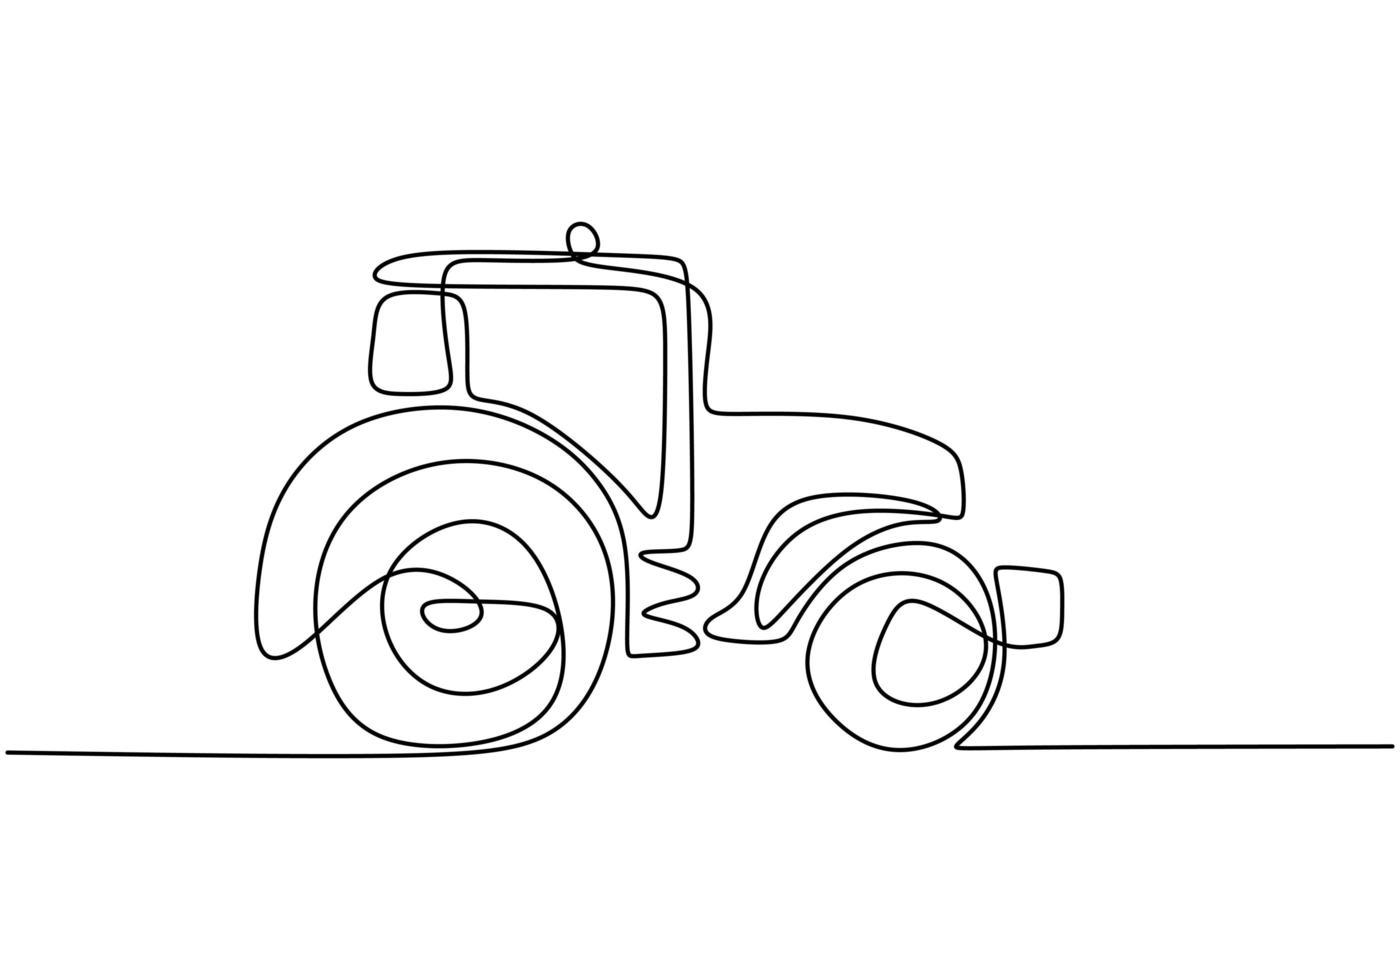 desenho de linha contínua de carro de corrida vintage dirigindo em estrada poeirenta. carro antigo retro vintage auto. vetor